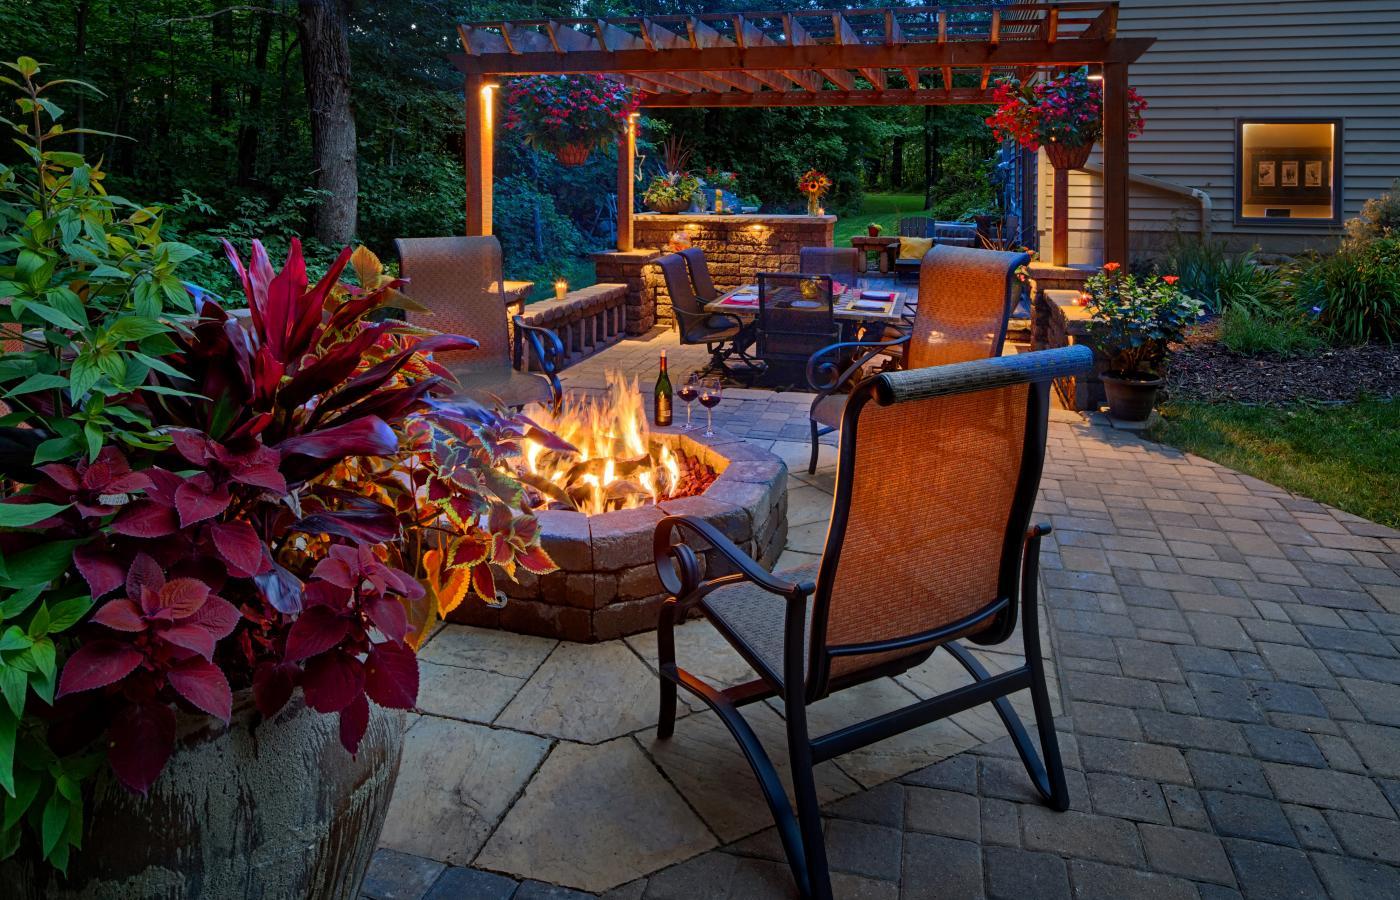 Bonfires & Barbecues - 4